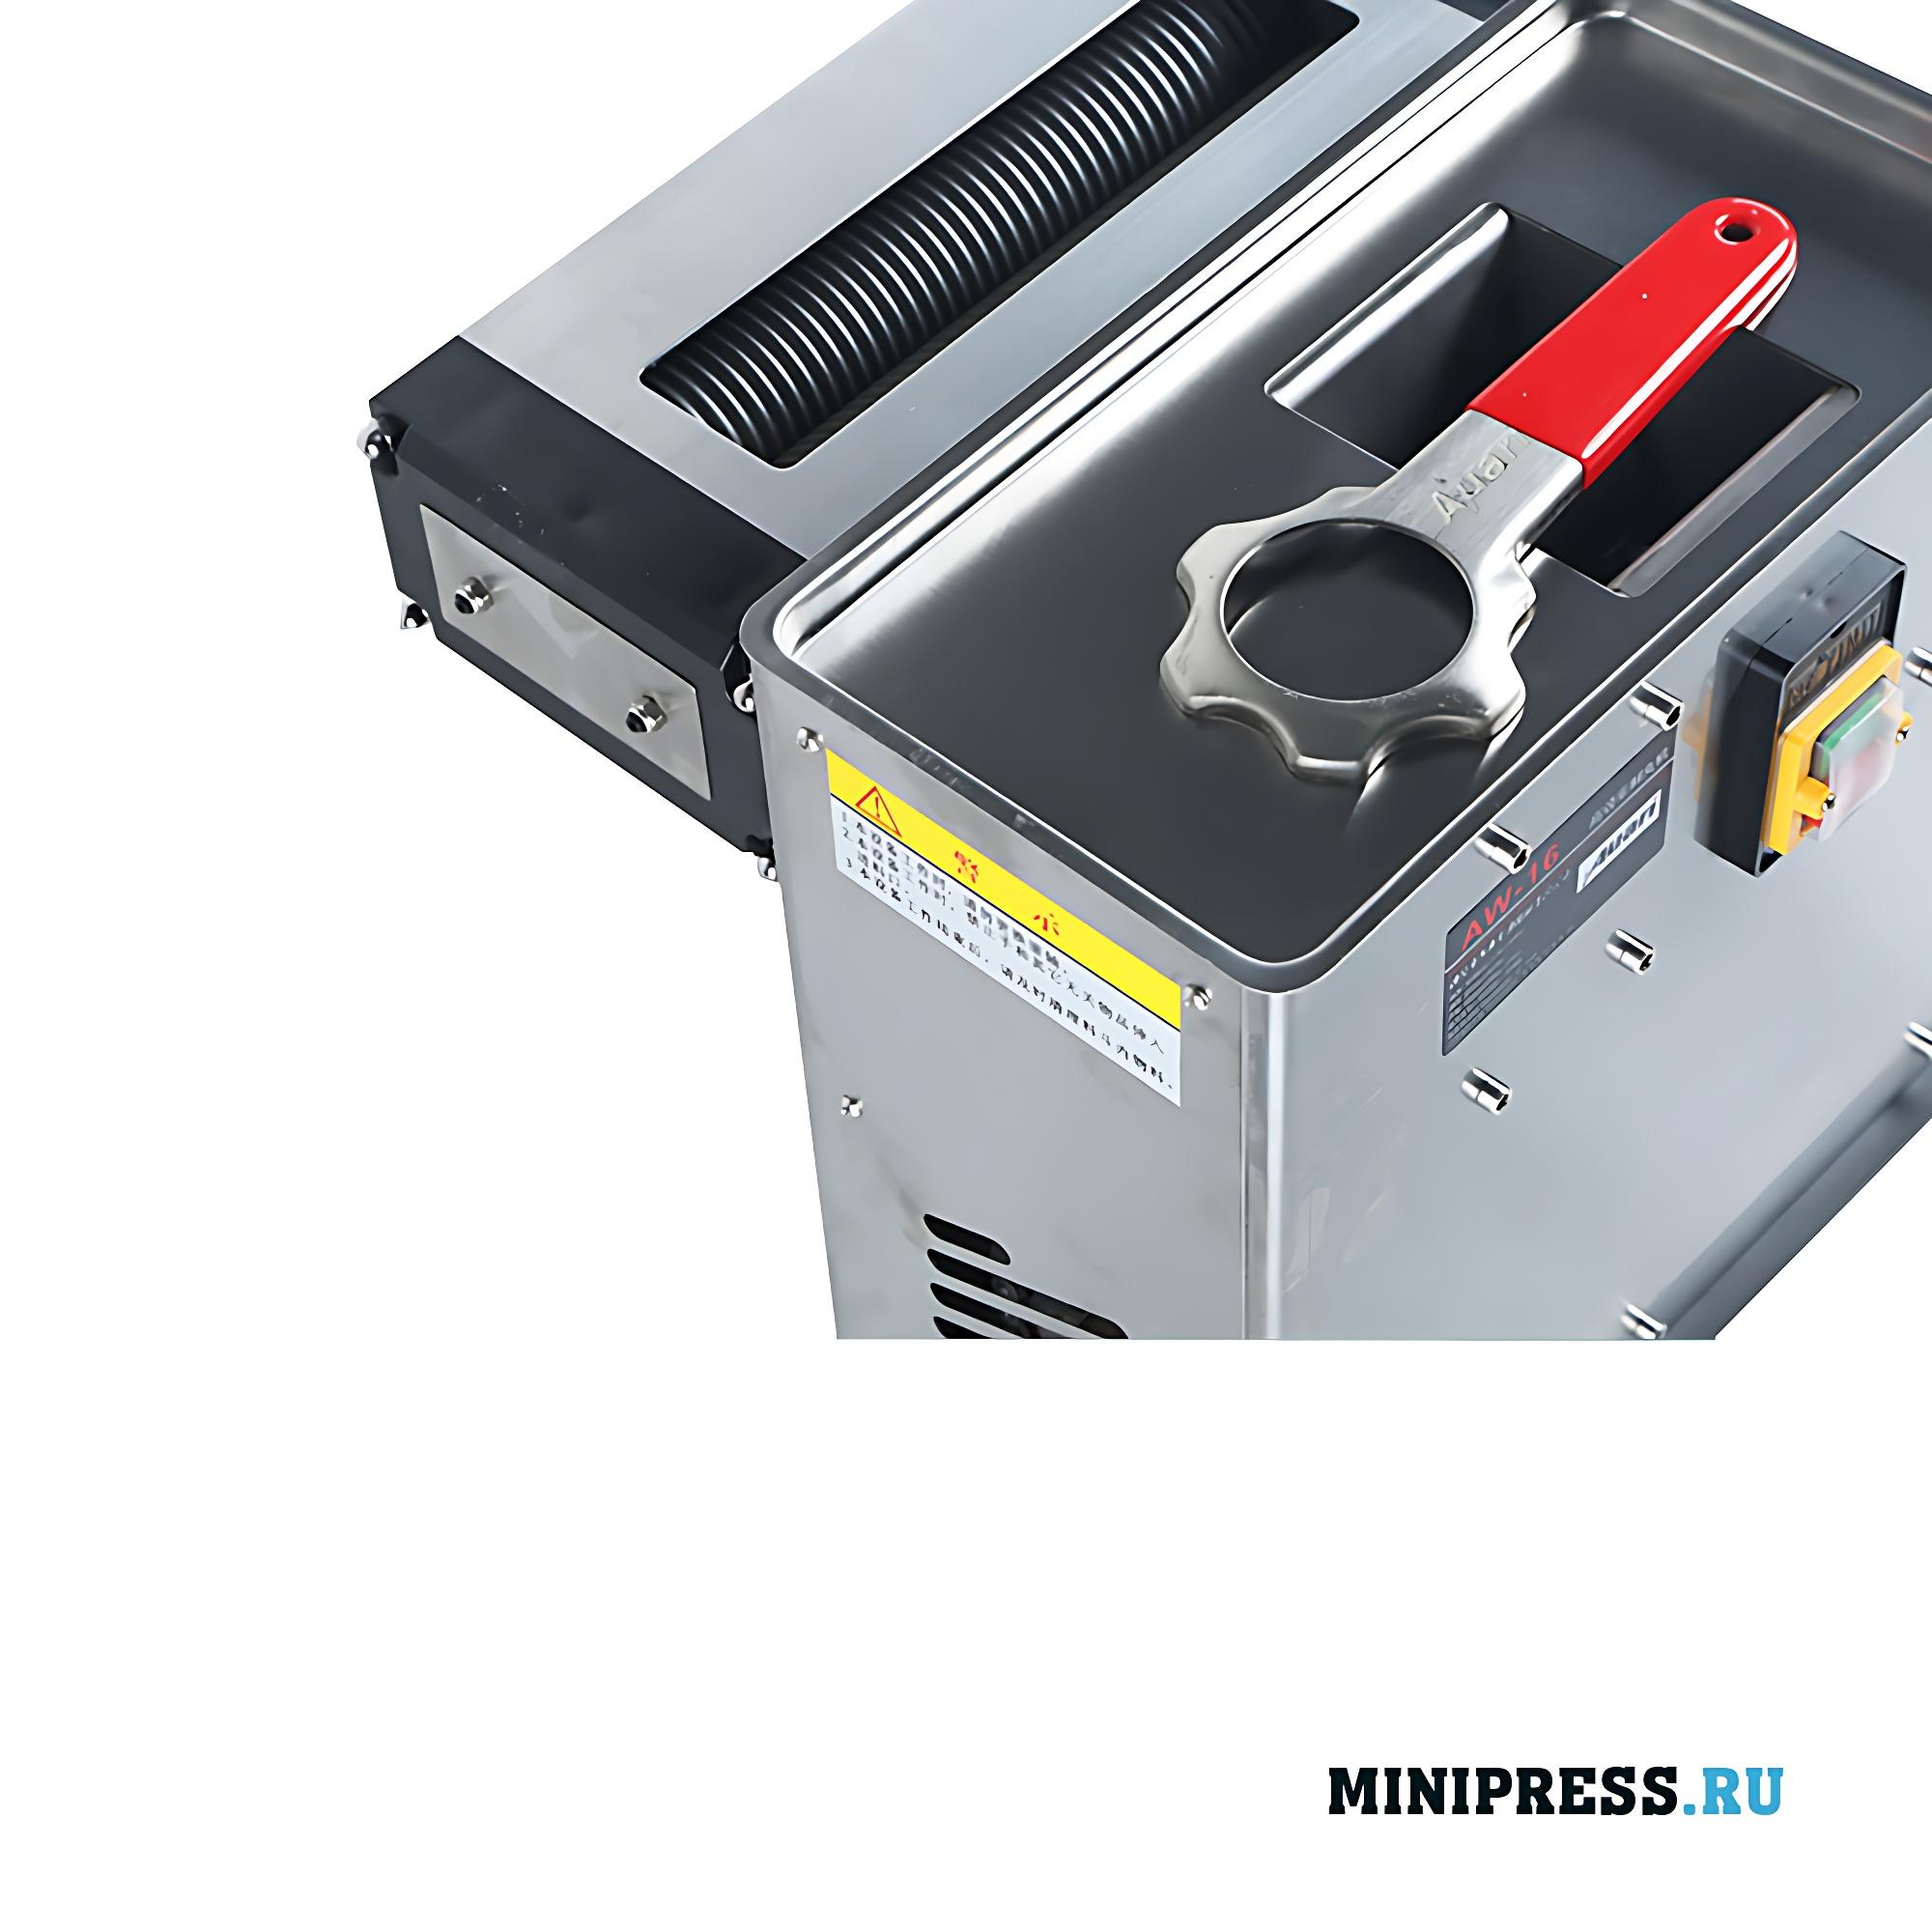 Оборудование для производства бойлов и драже для пищевой промышленности